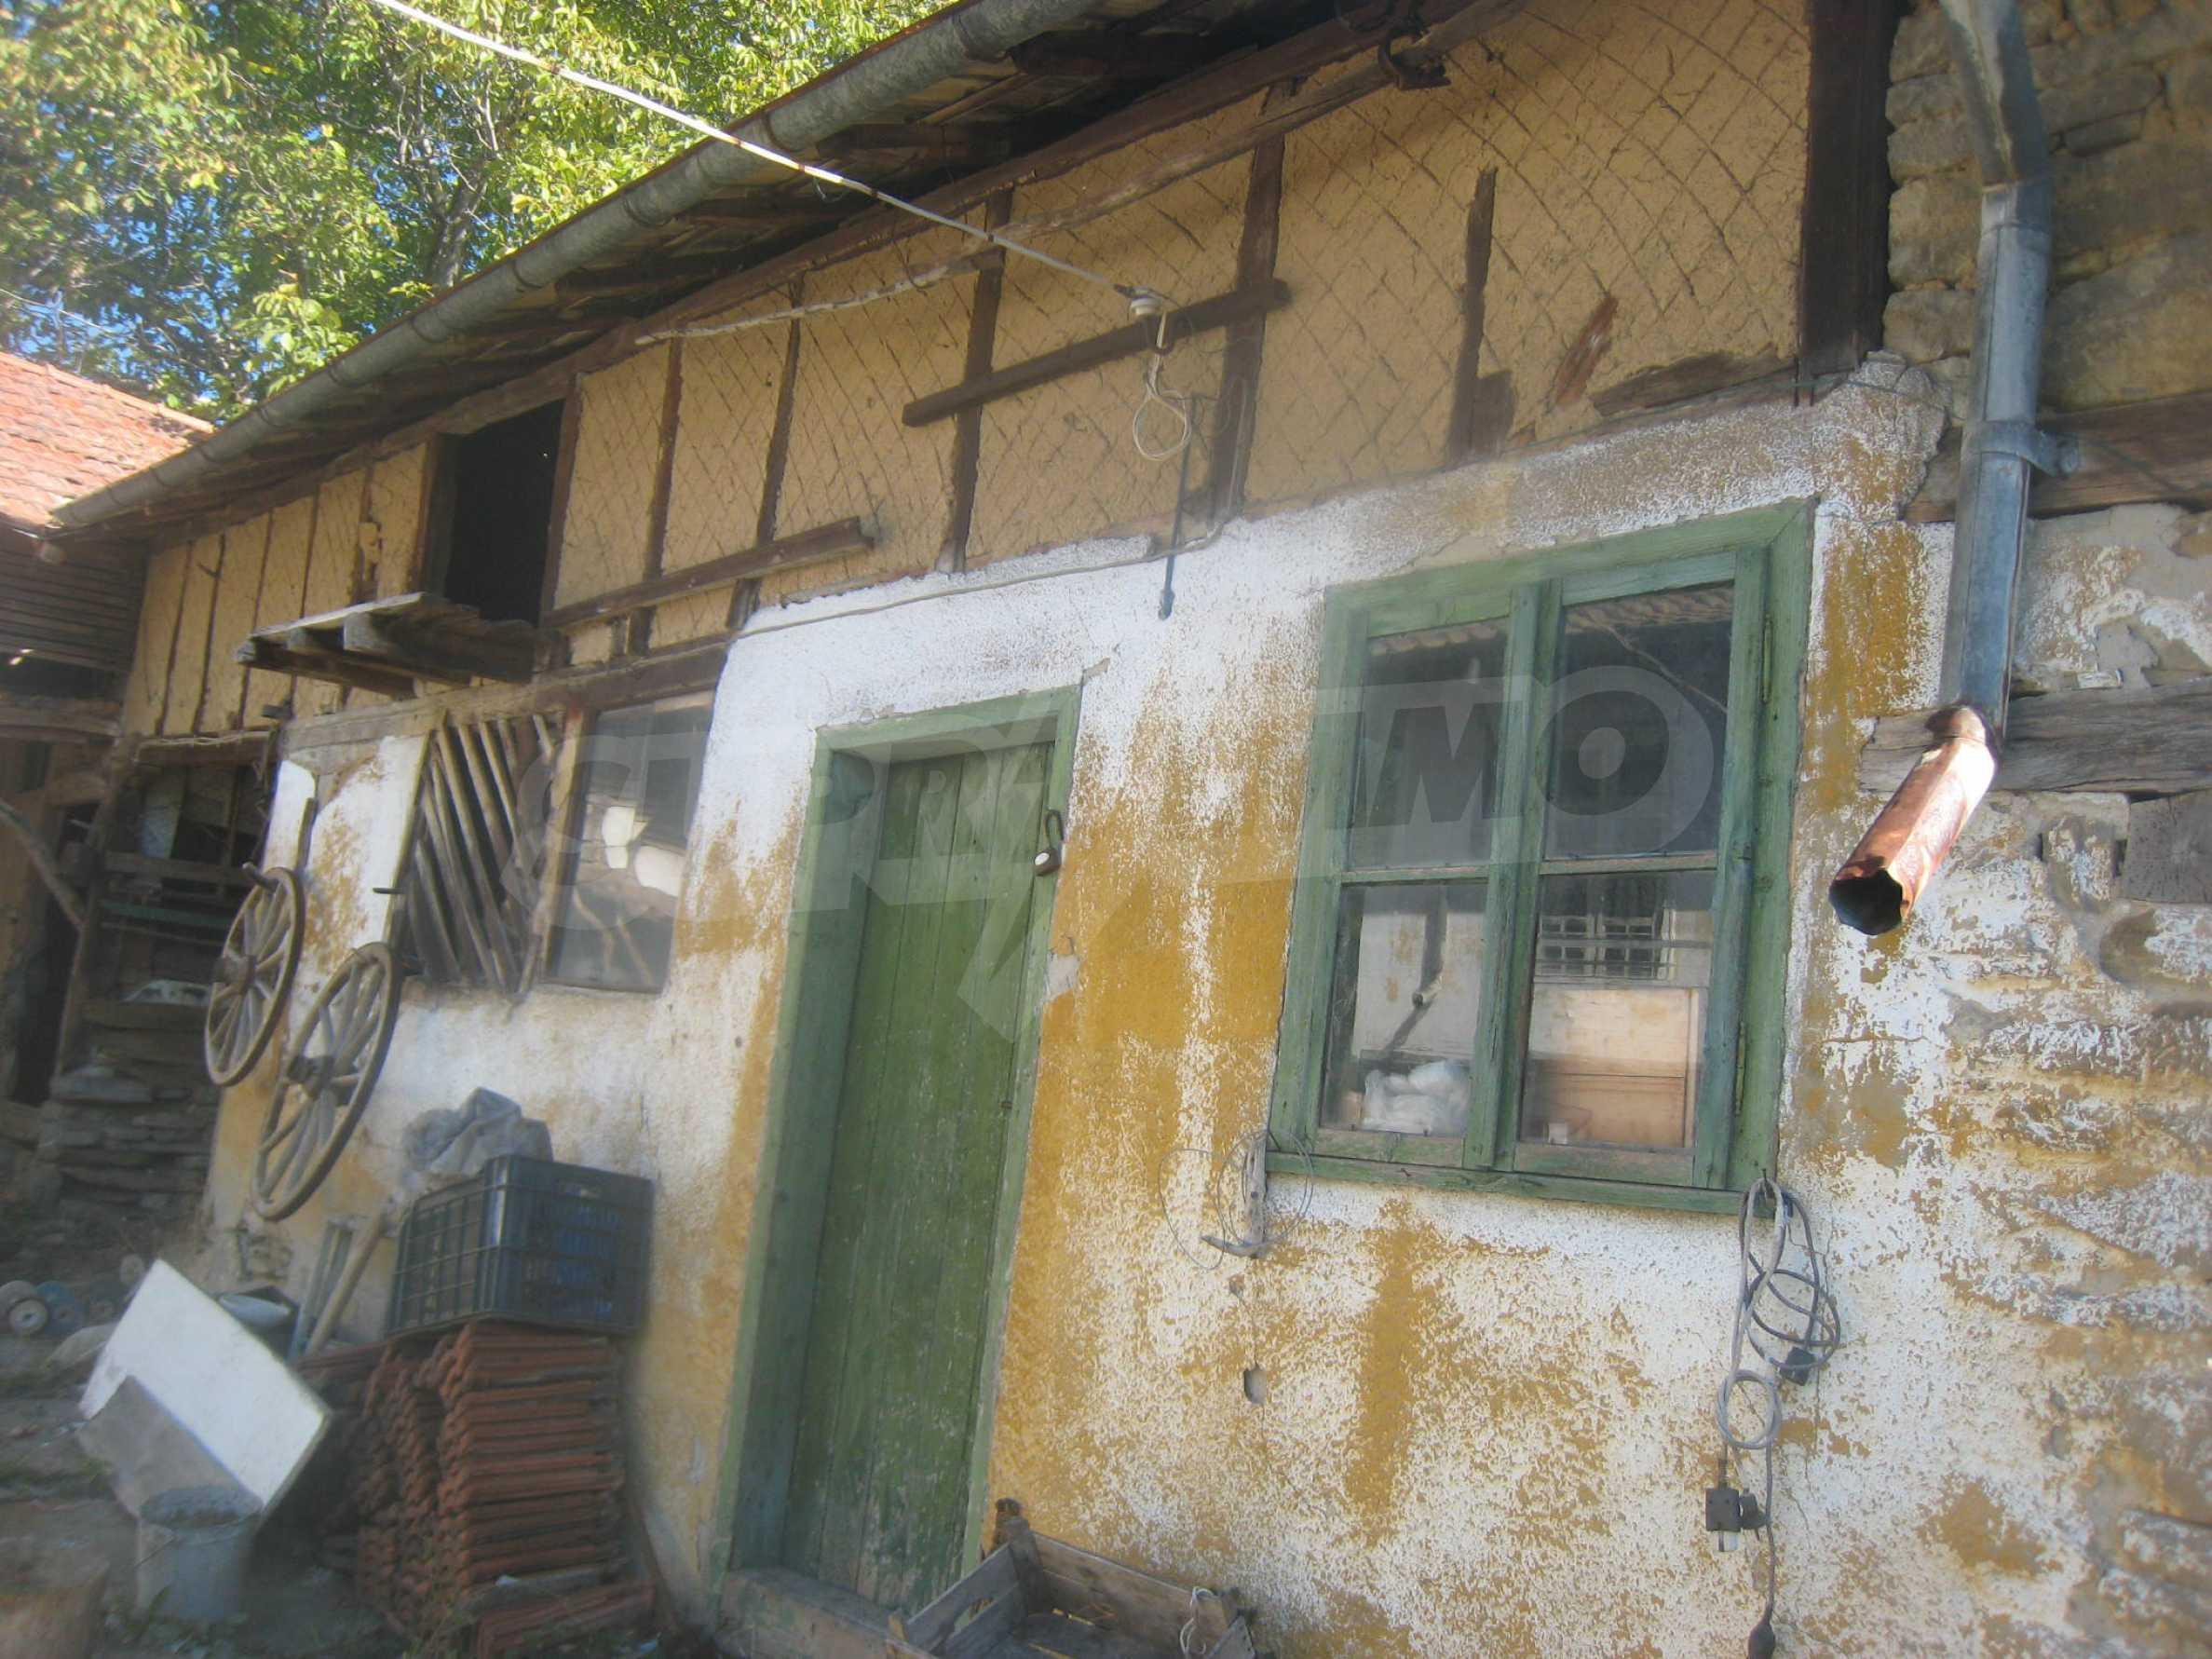 Traditionelles bulgarisches Haus in einem Dorf 9 km von Gabrovo entfernt 16